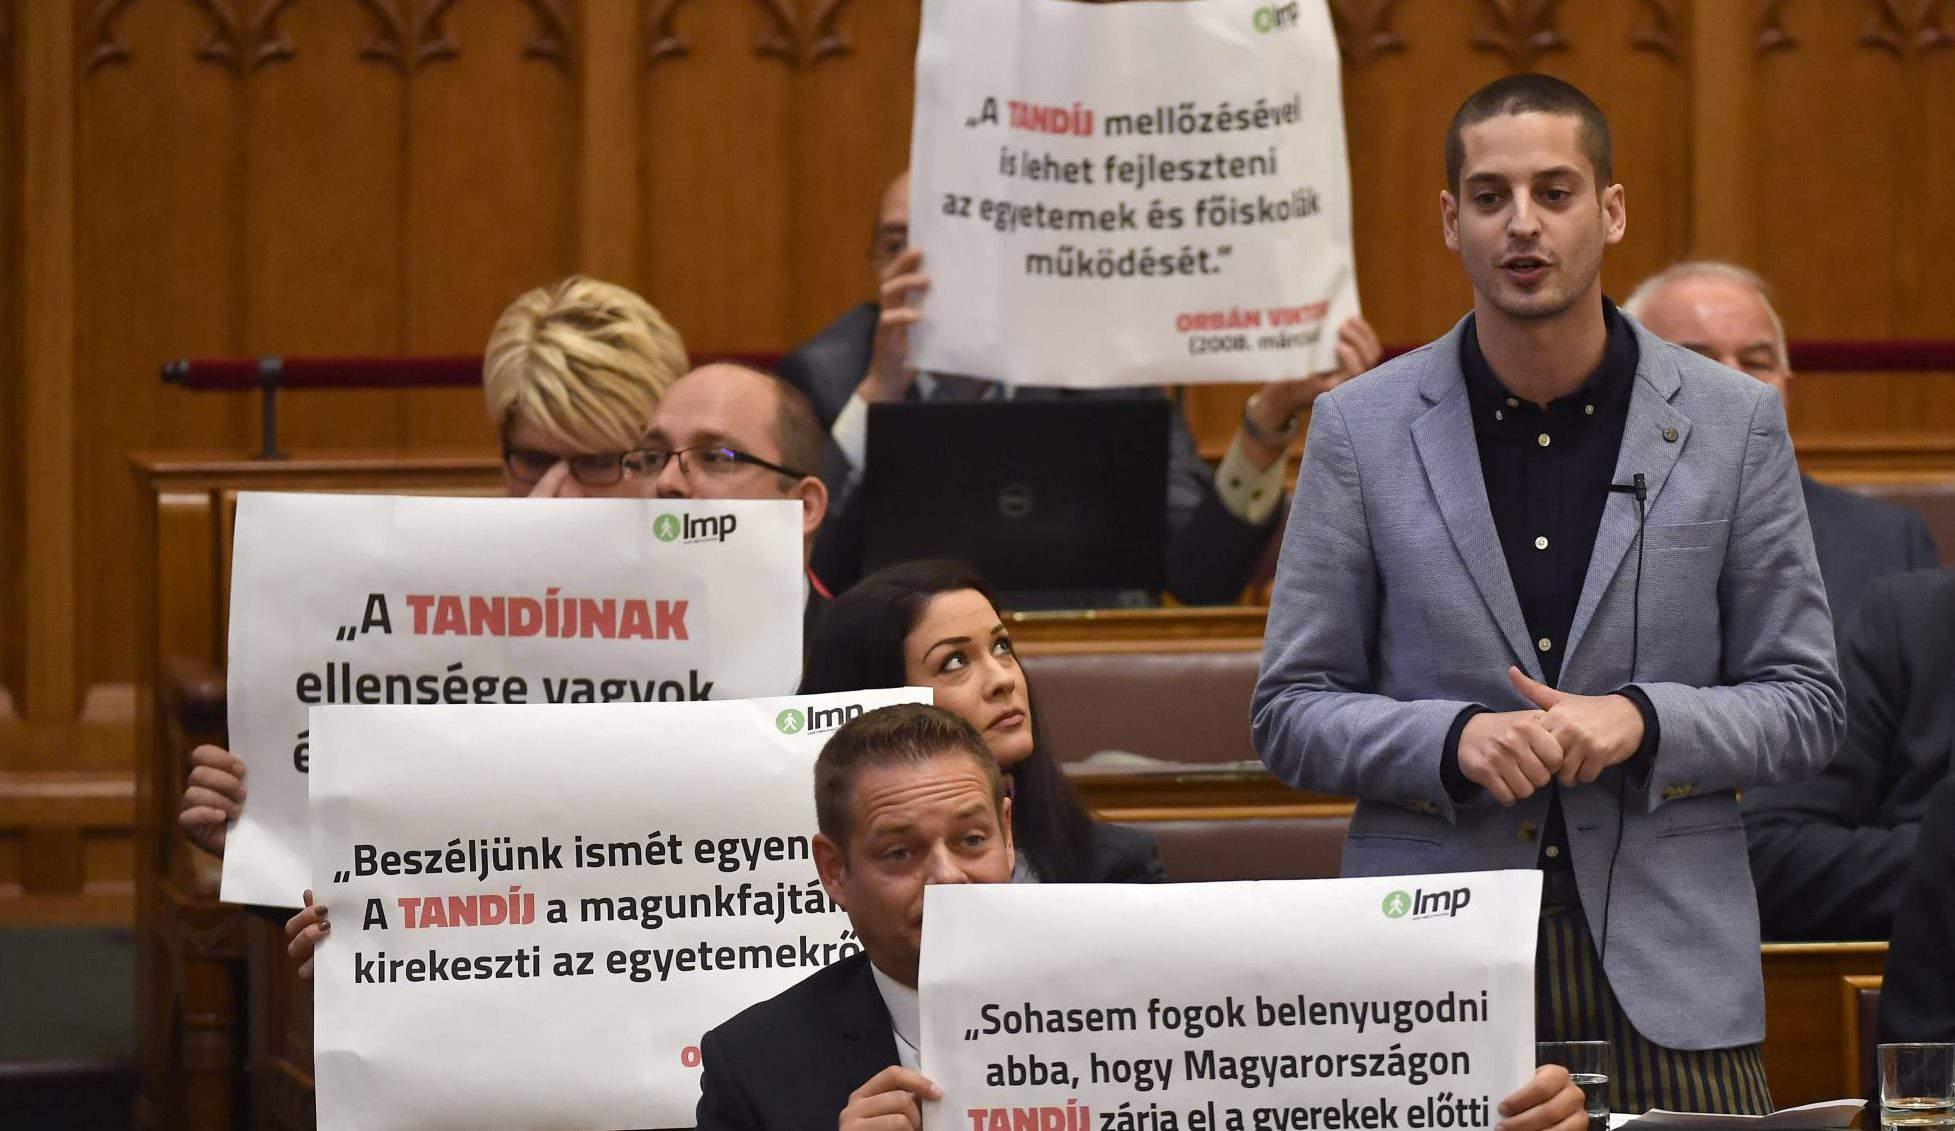 MP Ungár LMP party